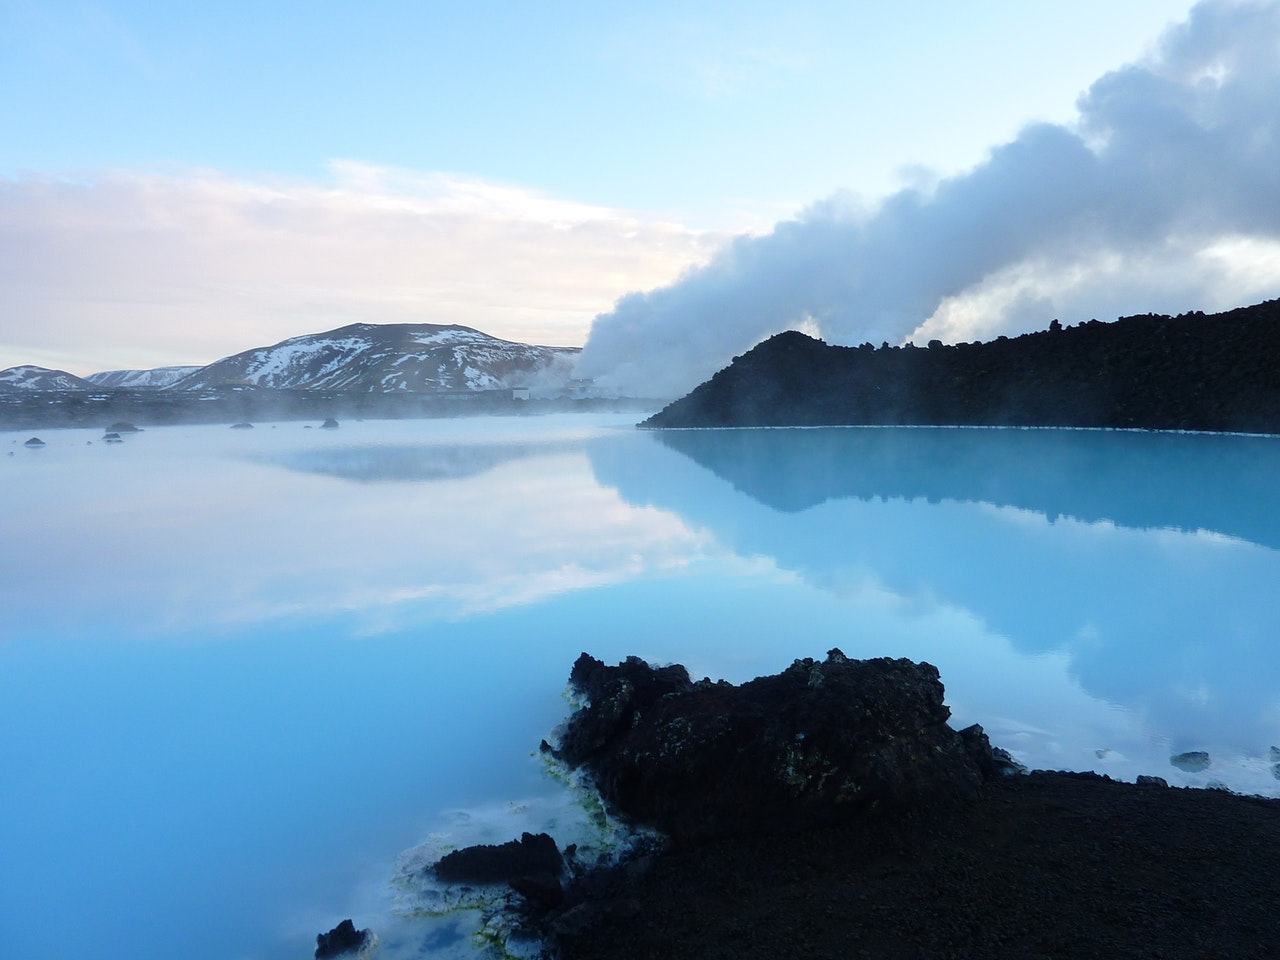 beach-blue-lagoon-clouds-dawn-346972